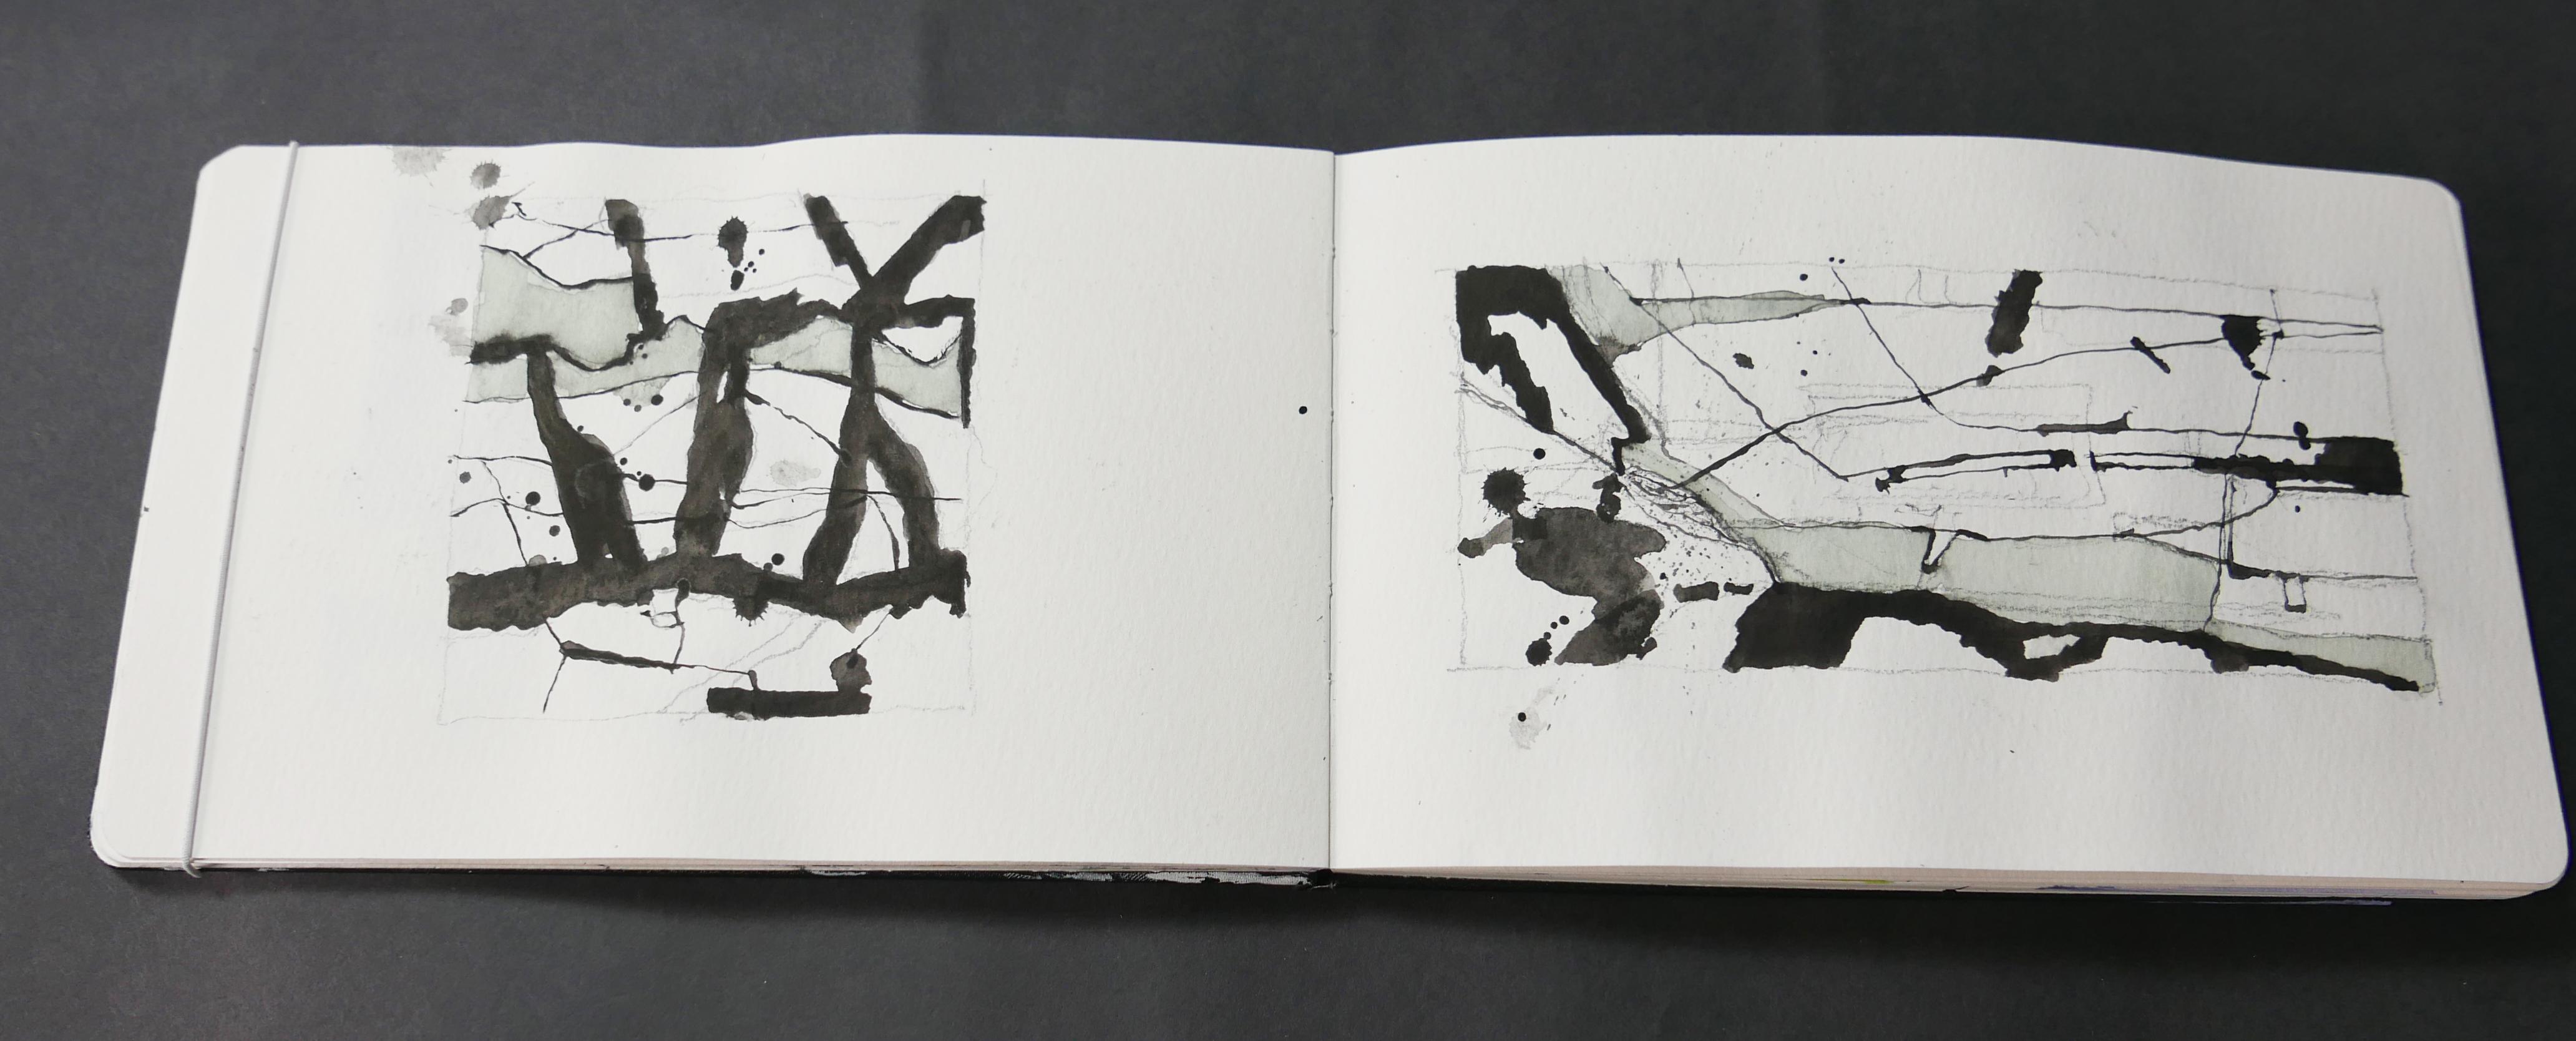 Cwm Croesor sketch study